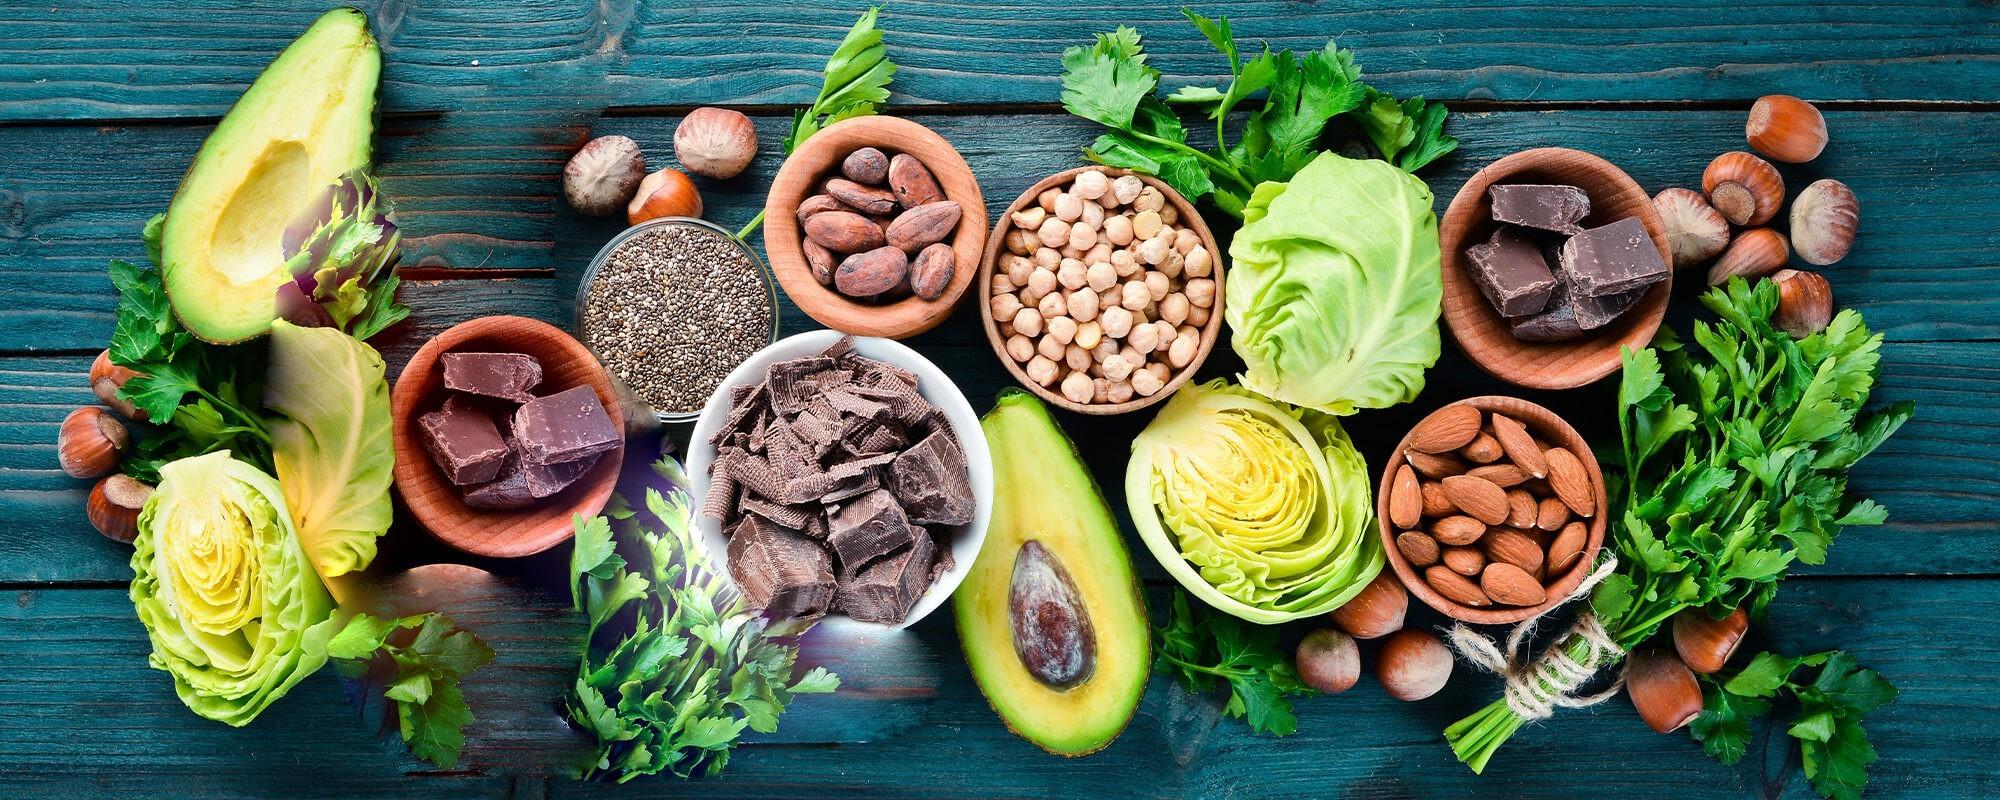 ویتامین ها و مواد معدنی موجود در غذا